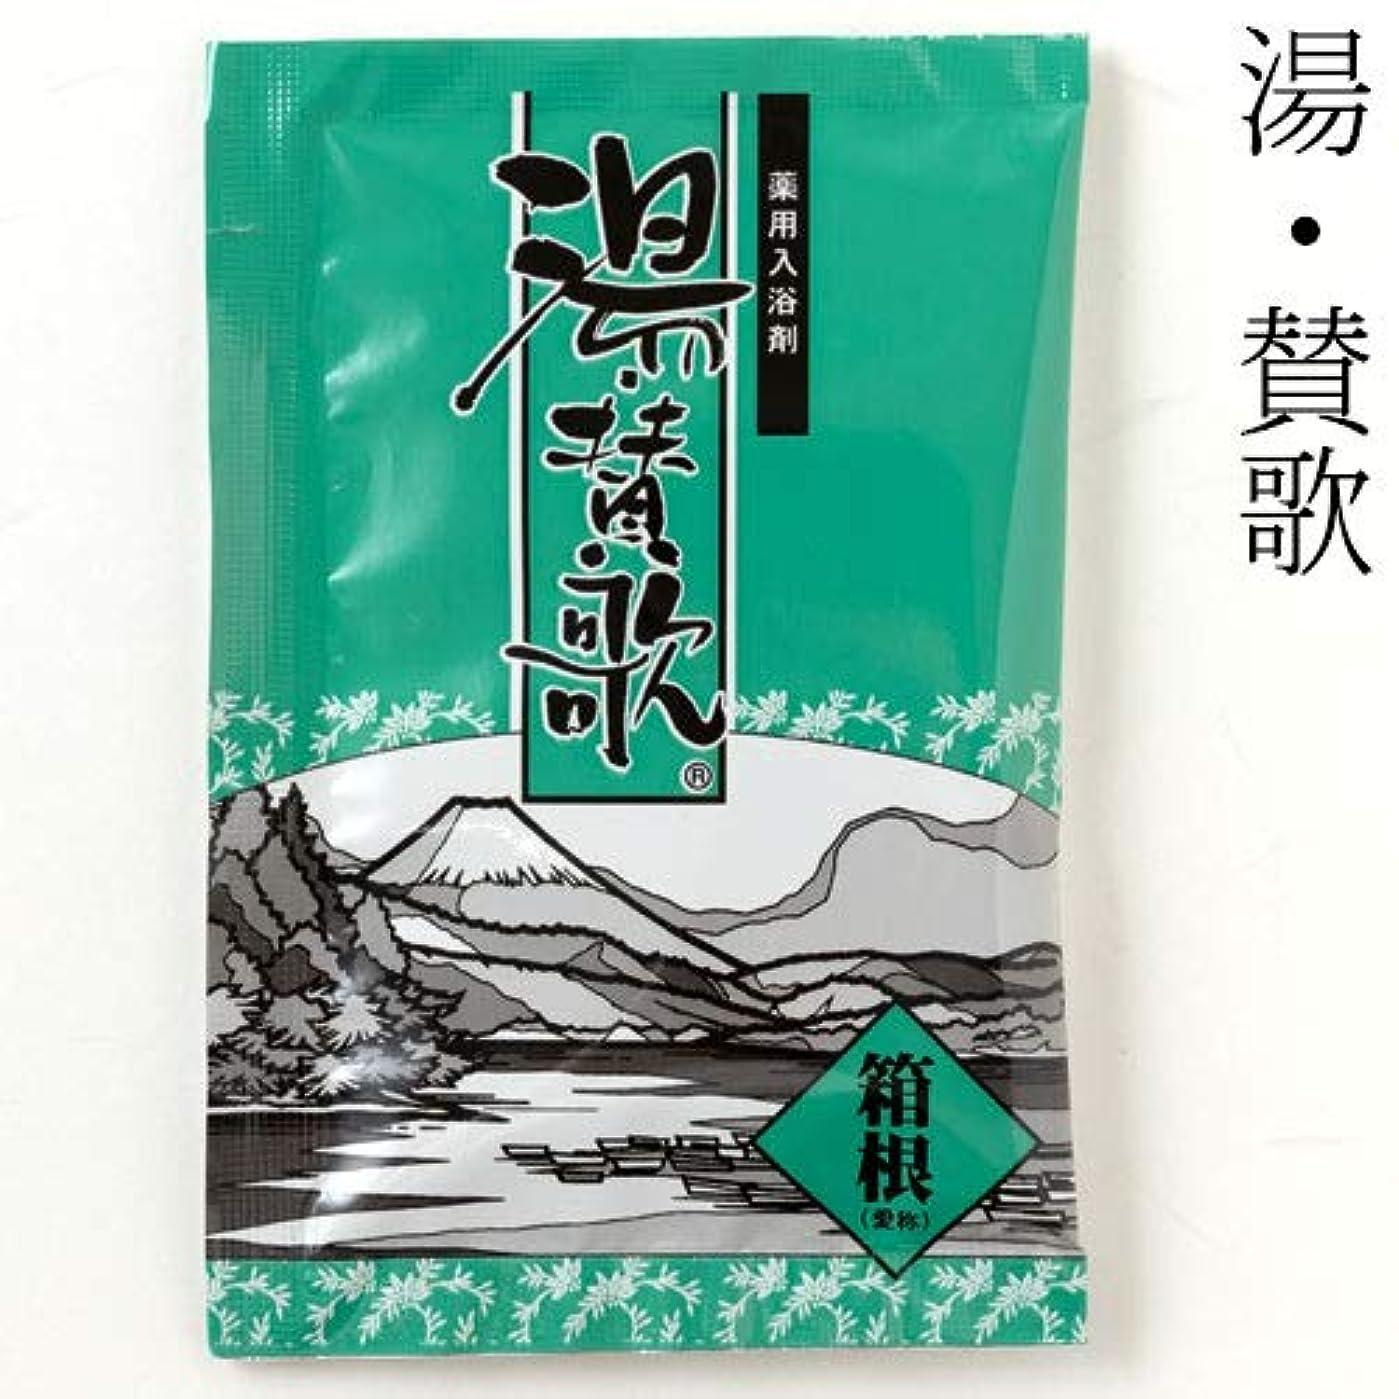 終点ストリームためらう入浴剤湯?賛歌箱根1包石川県のお風呂グッズBath additive, Ishikawa craft